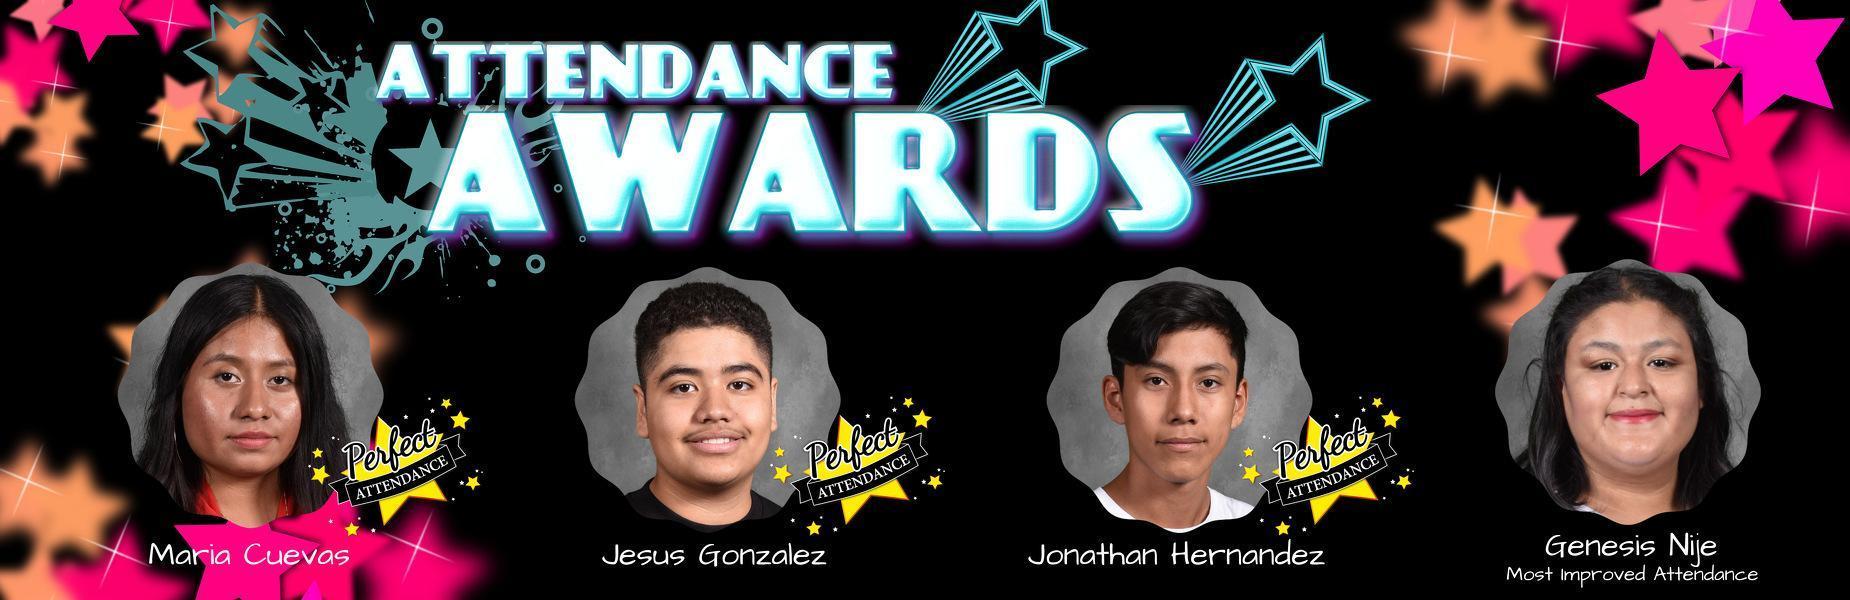 Attendance Awards 2020